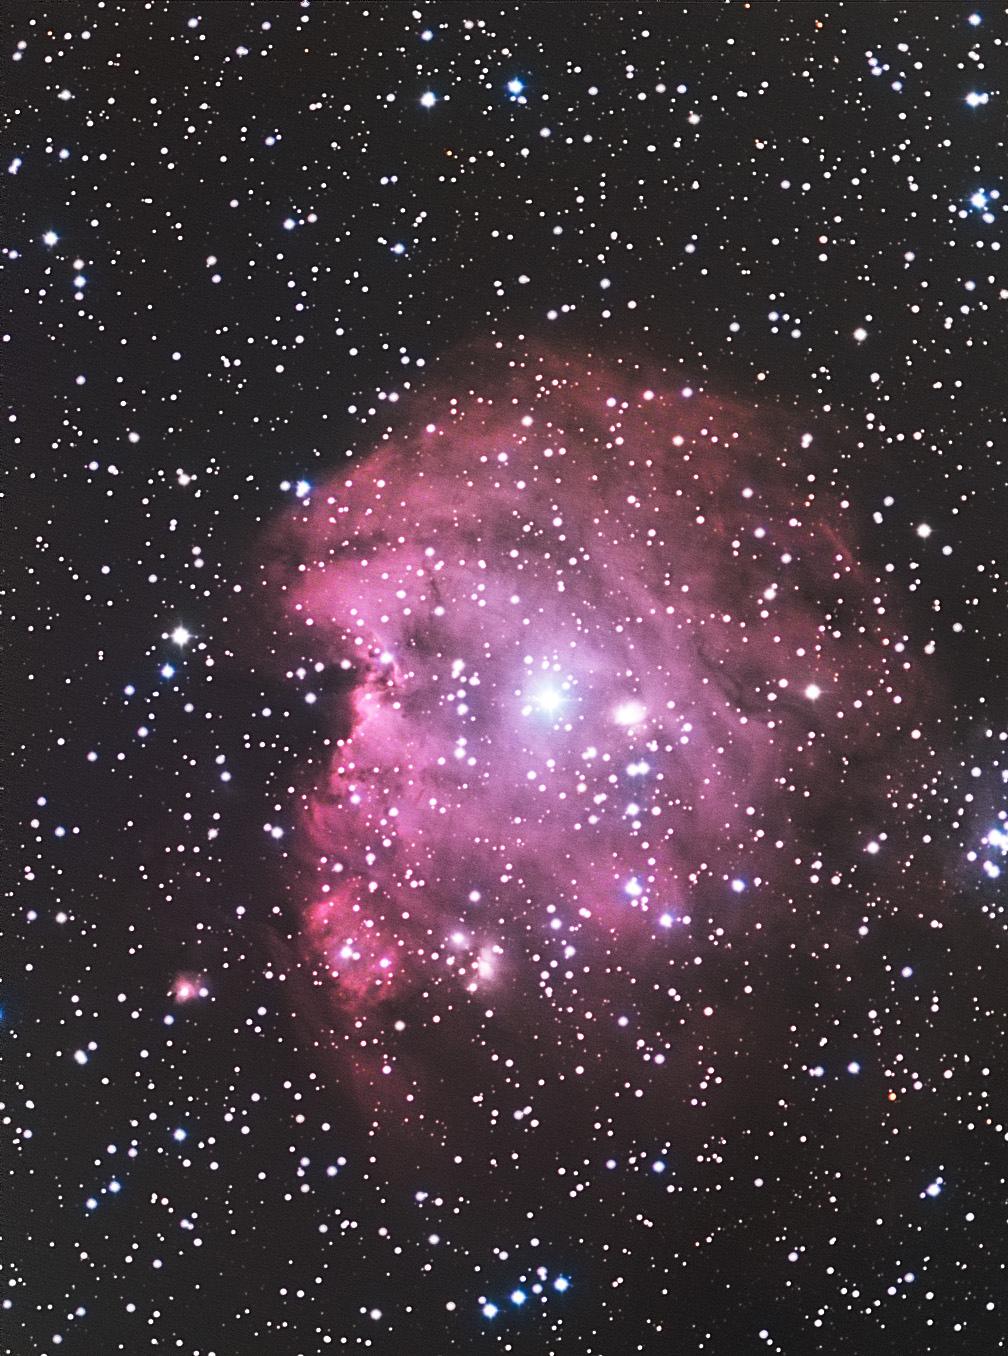 NGC2174_LRVB_V2.jpg